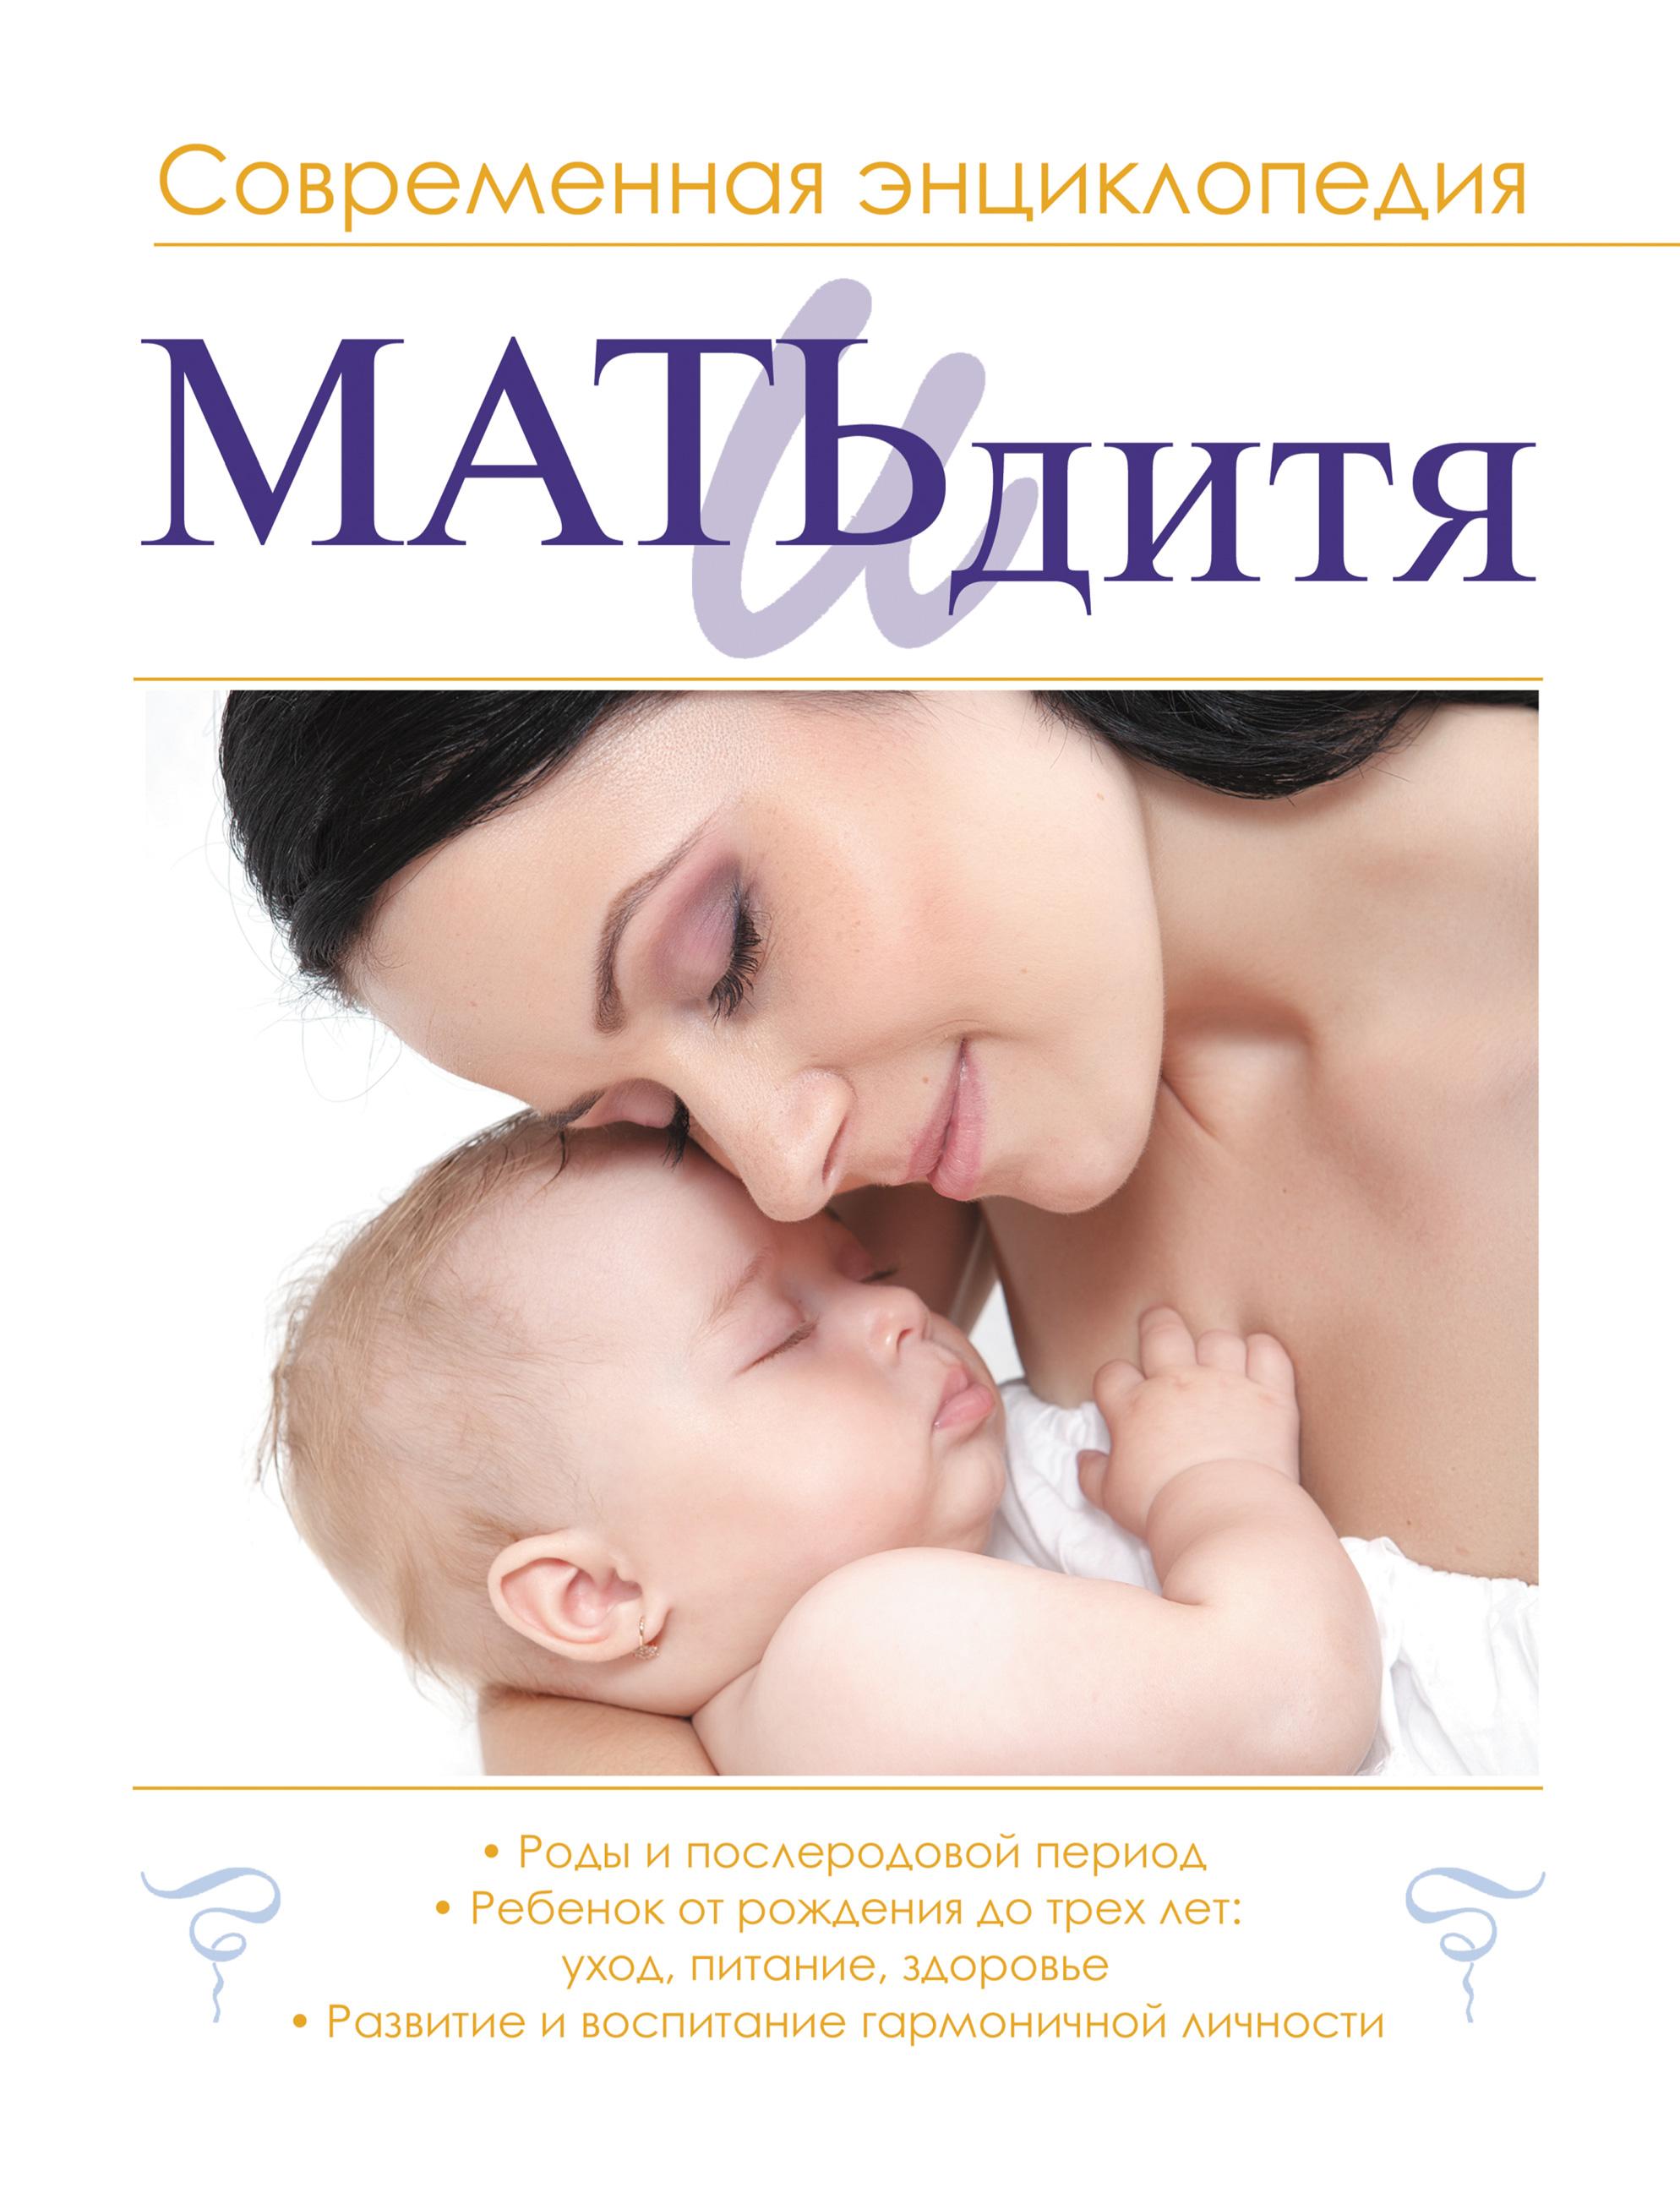 цены на Отсутствует Мать и дитя. Современная энциклопедия  в интернет-магазинах